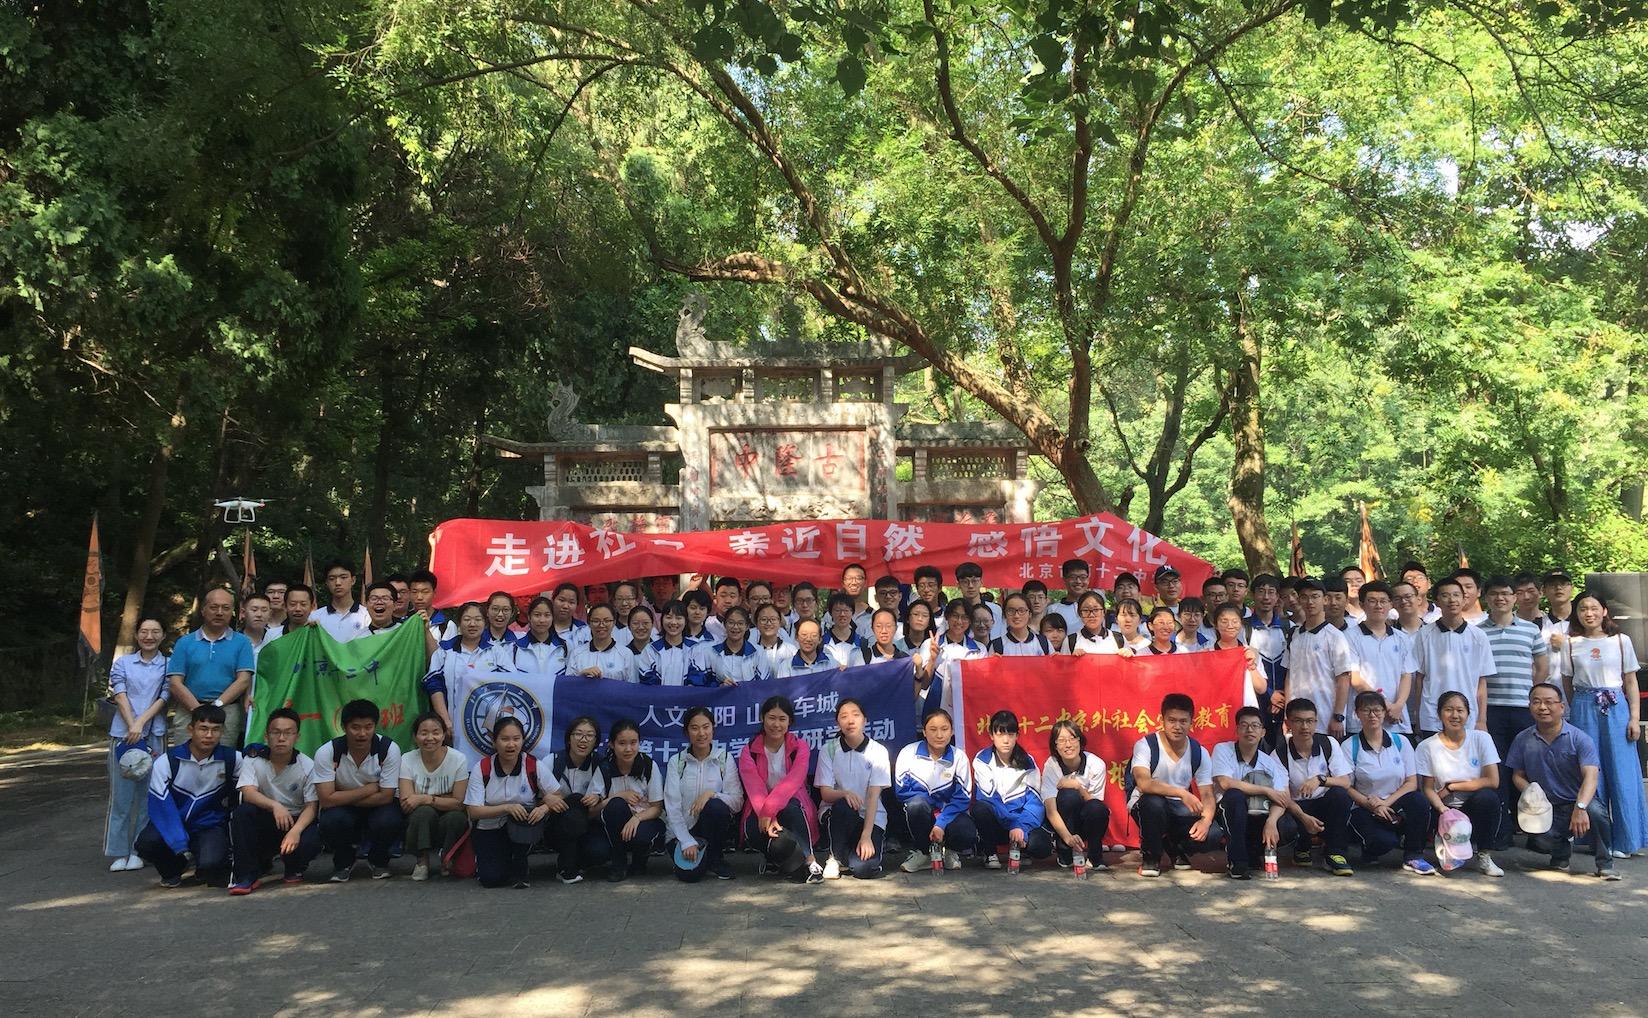 2018少年中国行之二:世界那么大,我们去看看!